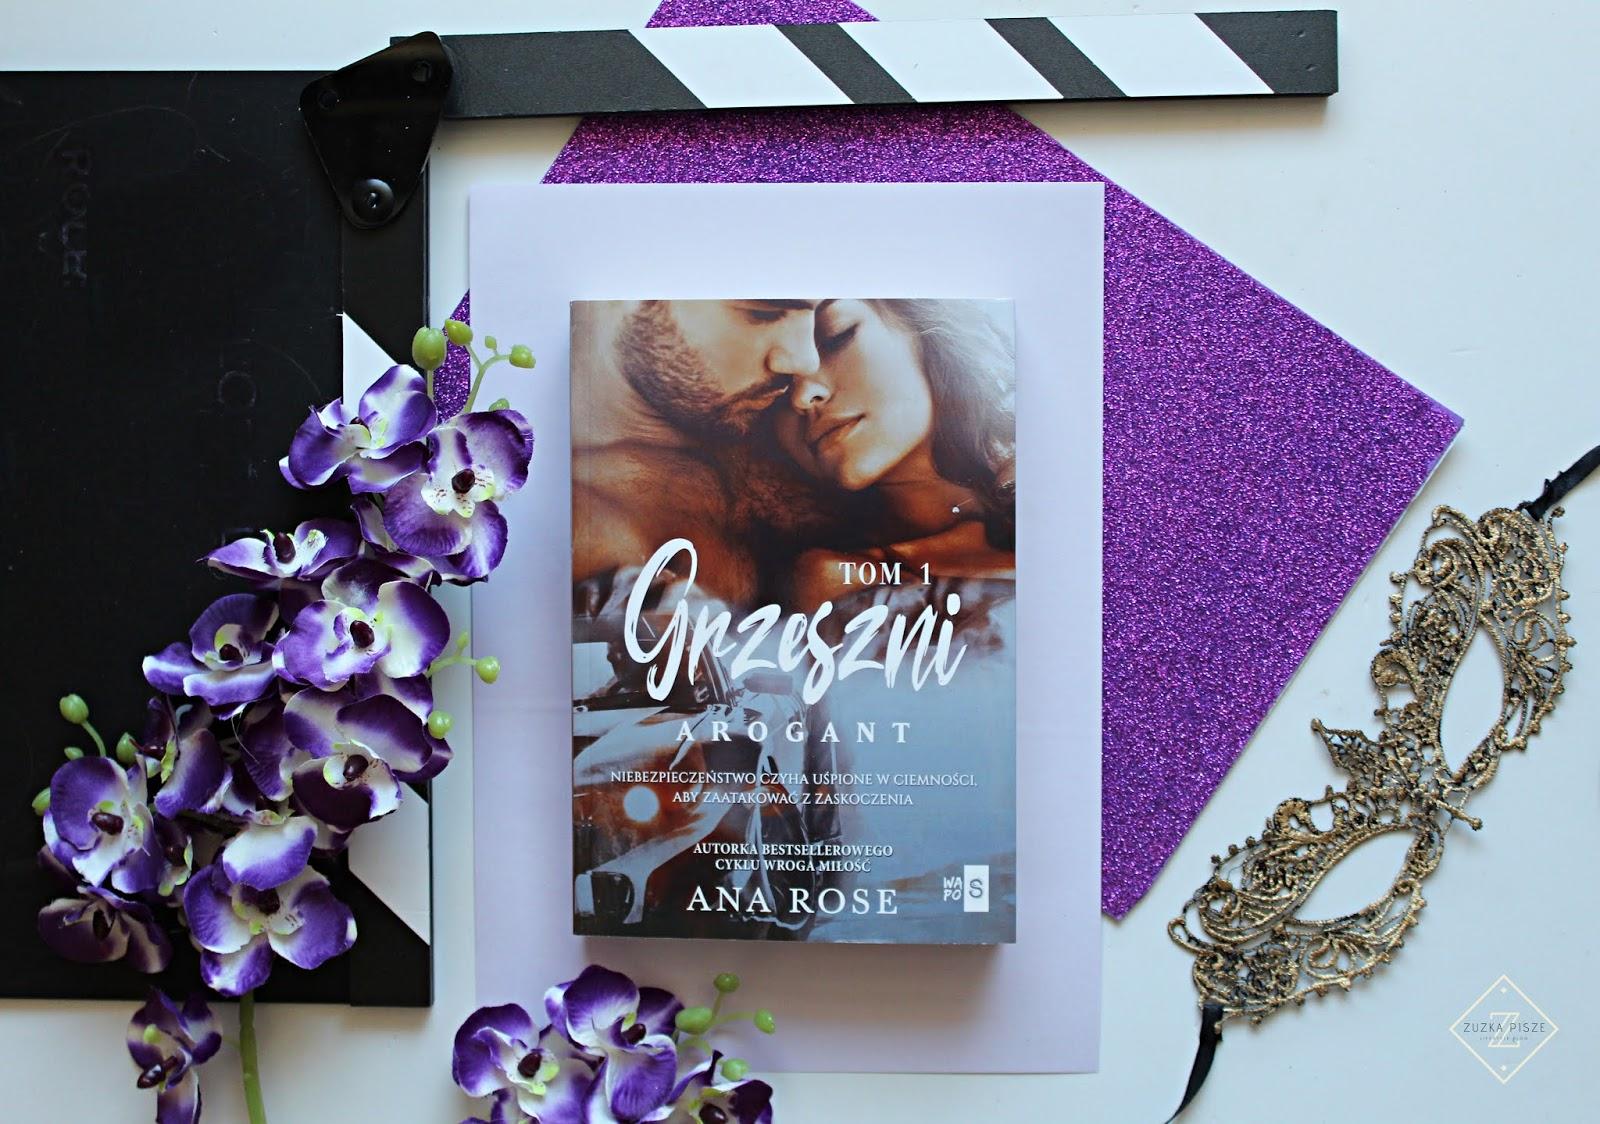 """Ana Rose """"Grzeszni. Arogant"""" tom 1 - recenzja"""